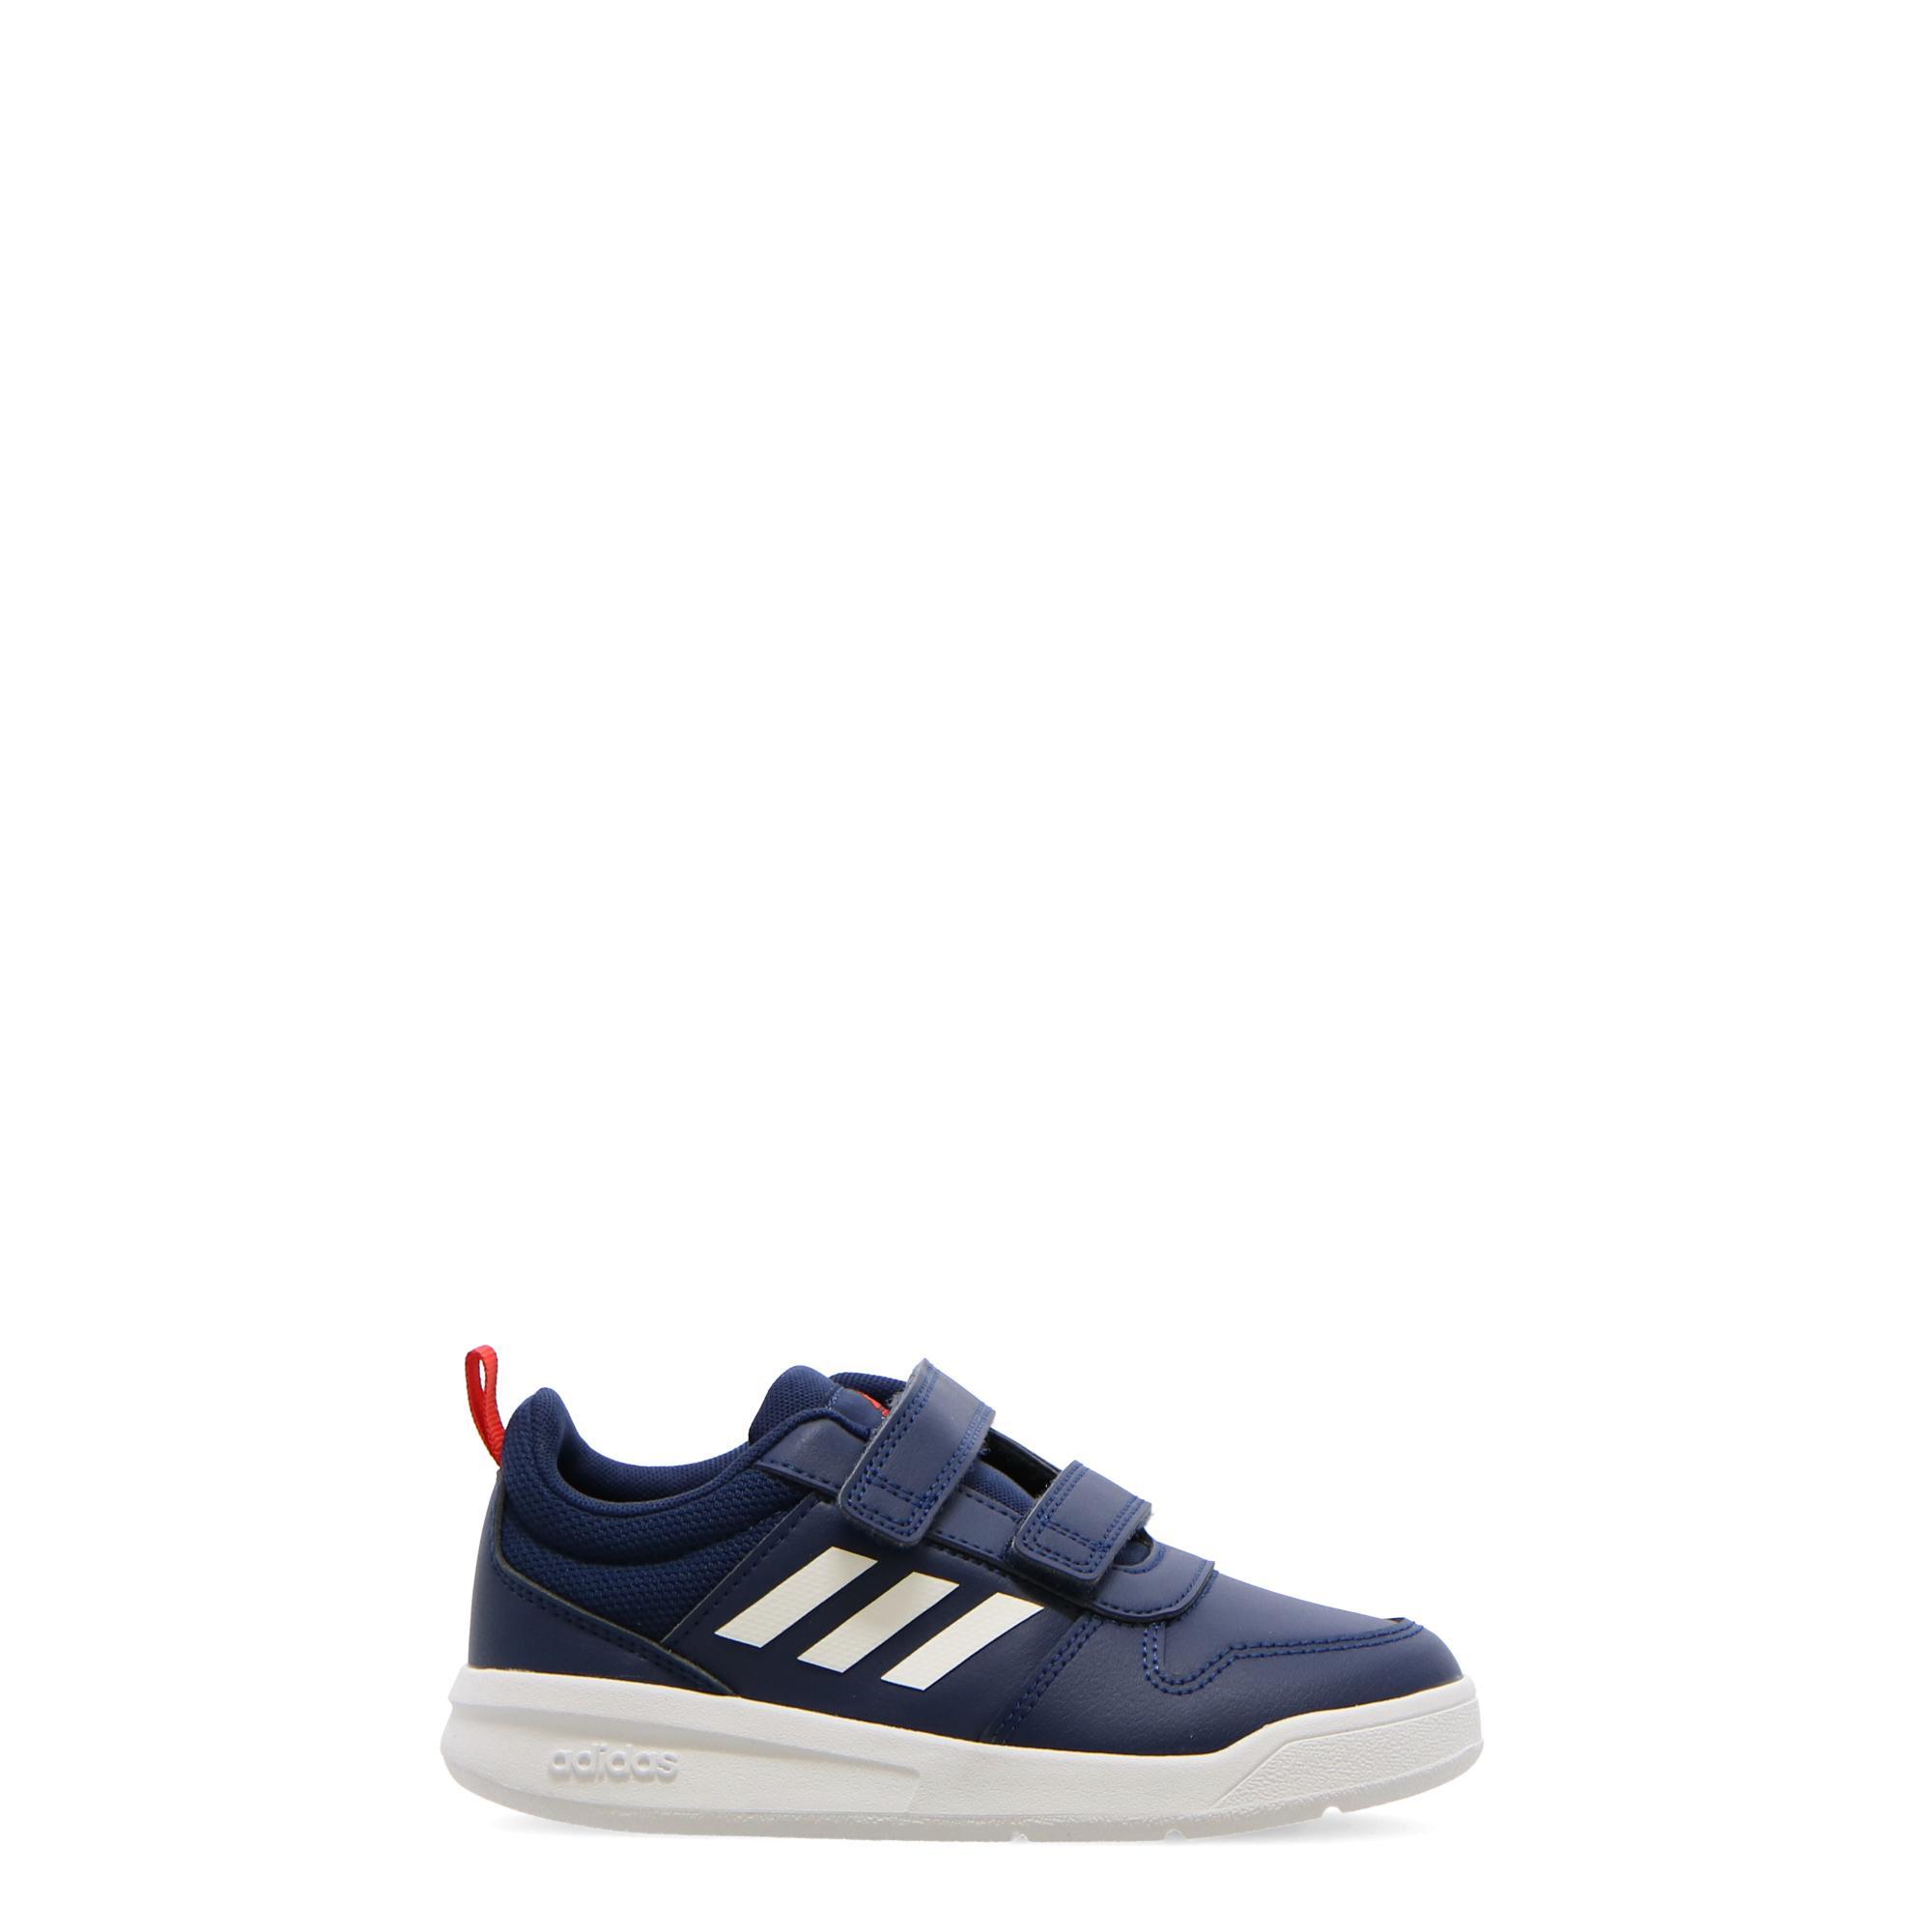 Adidas Tensaur C Dark blue white active red